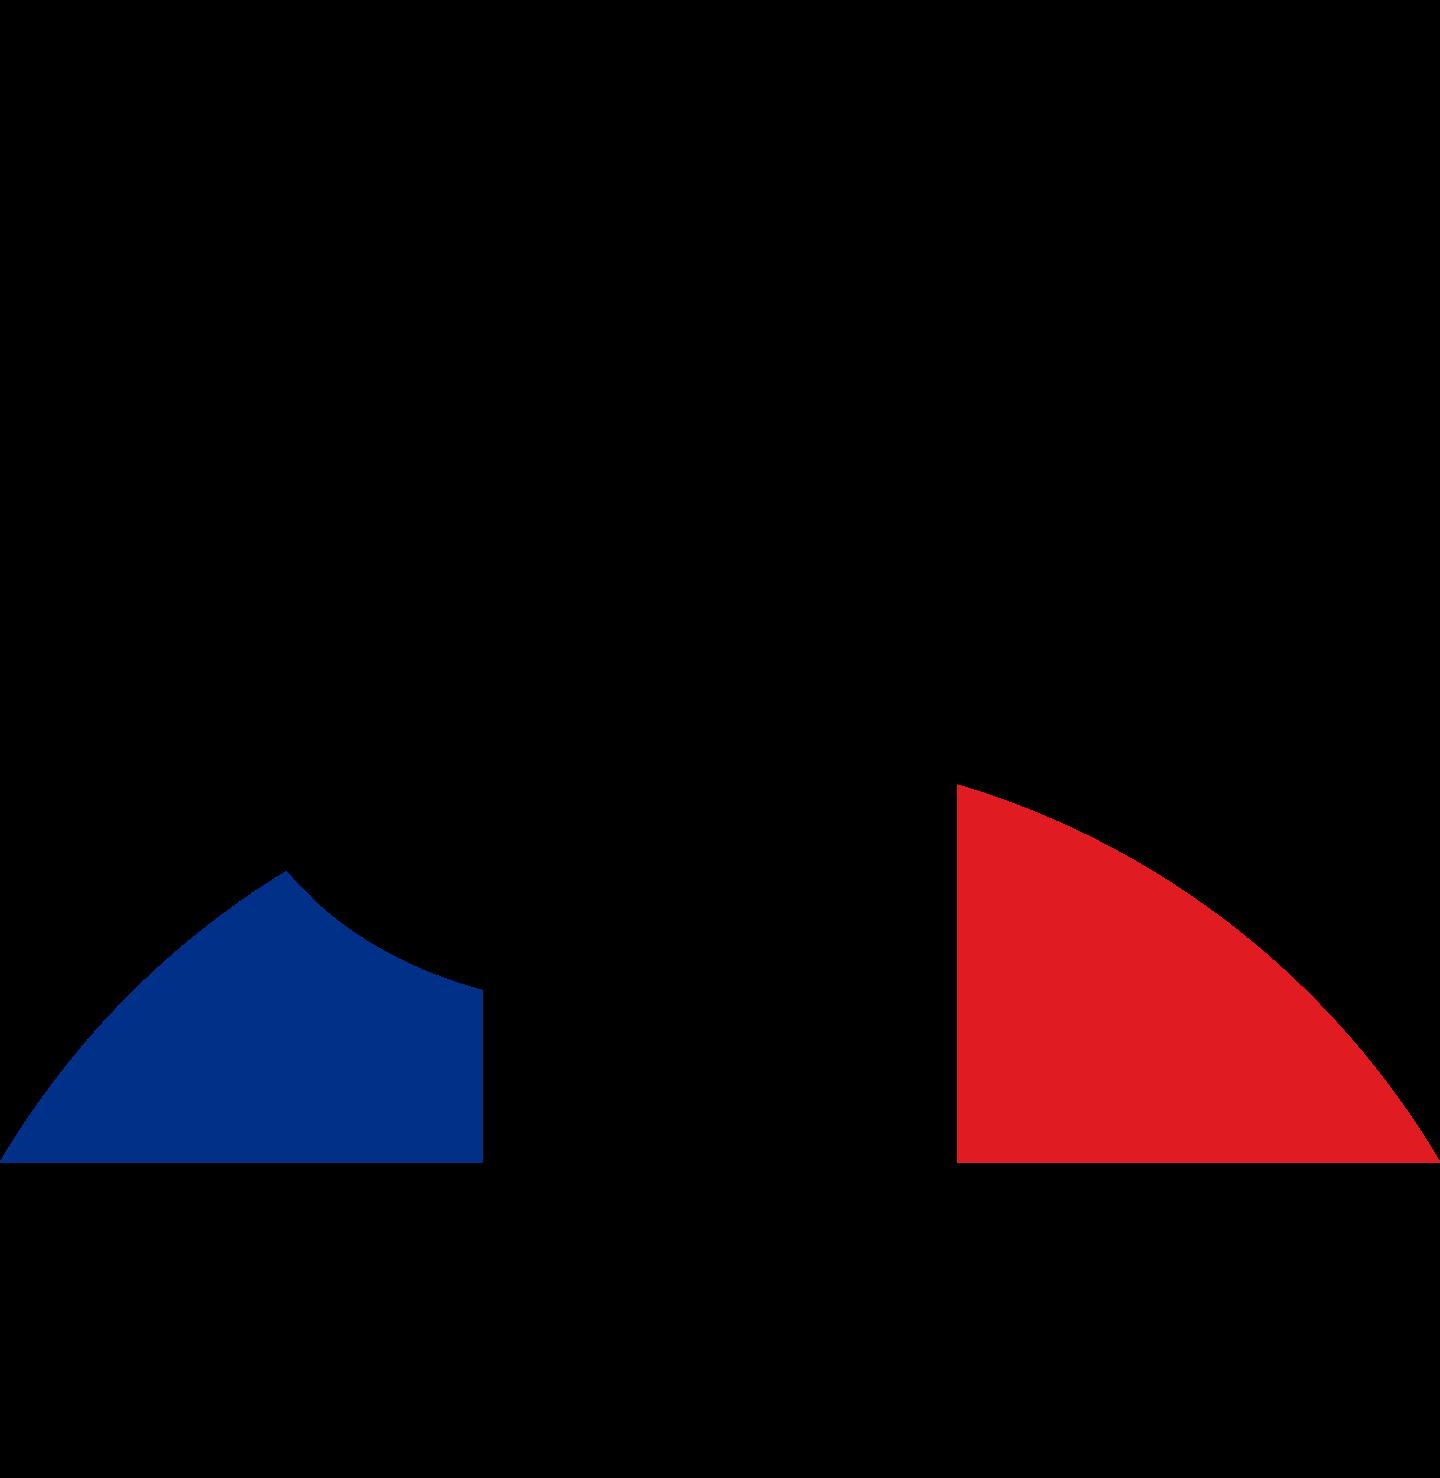 le coq sportif logo 2 - Le Coq Sportif Logo